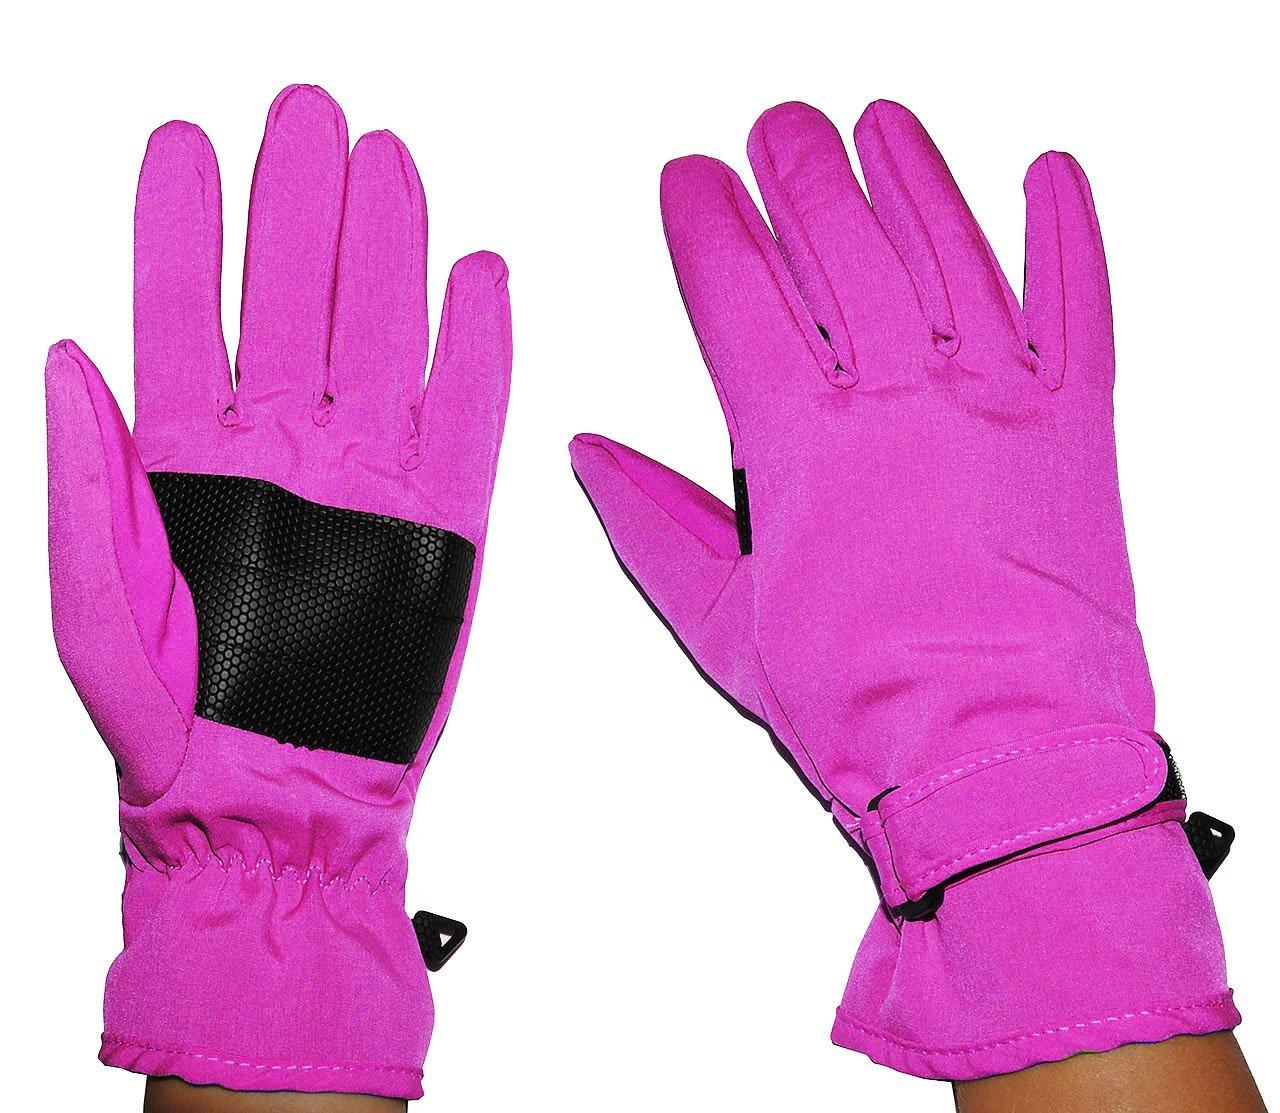 Unbekannt Fingerhandschuhe Softshell - rosa pink - Thermo gefüttert mit Fleece - dünner Thermohandschuh - Größe: 4 bis 5 Jahre - wasserdicht + atmungsaktiv Soft Shell -.. Kinder-land